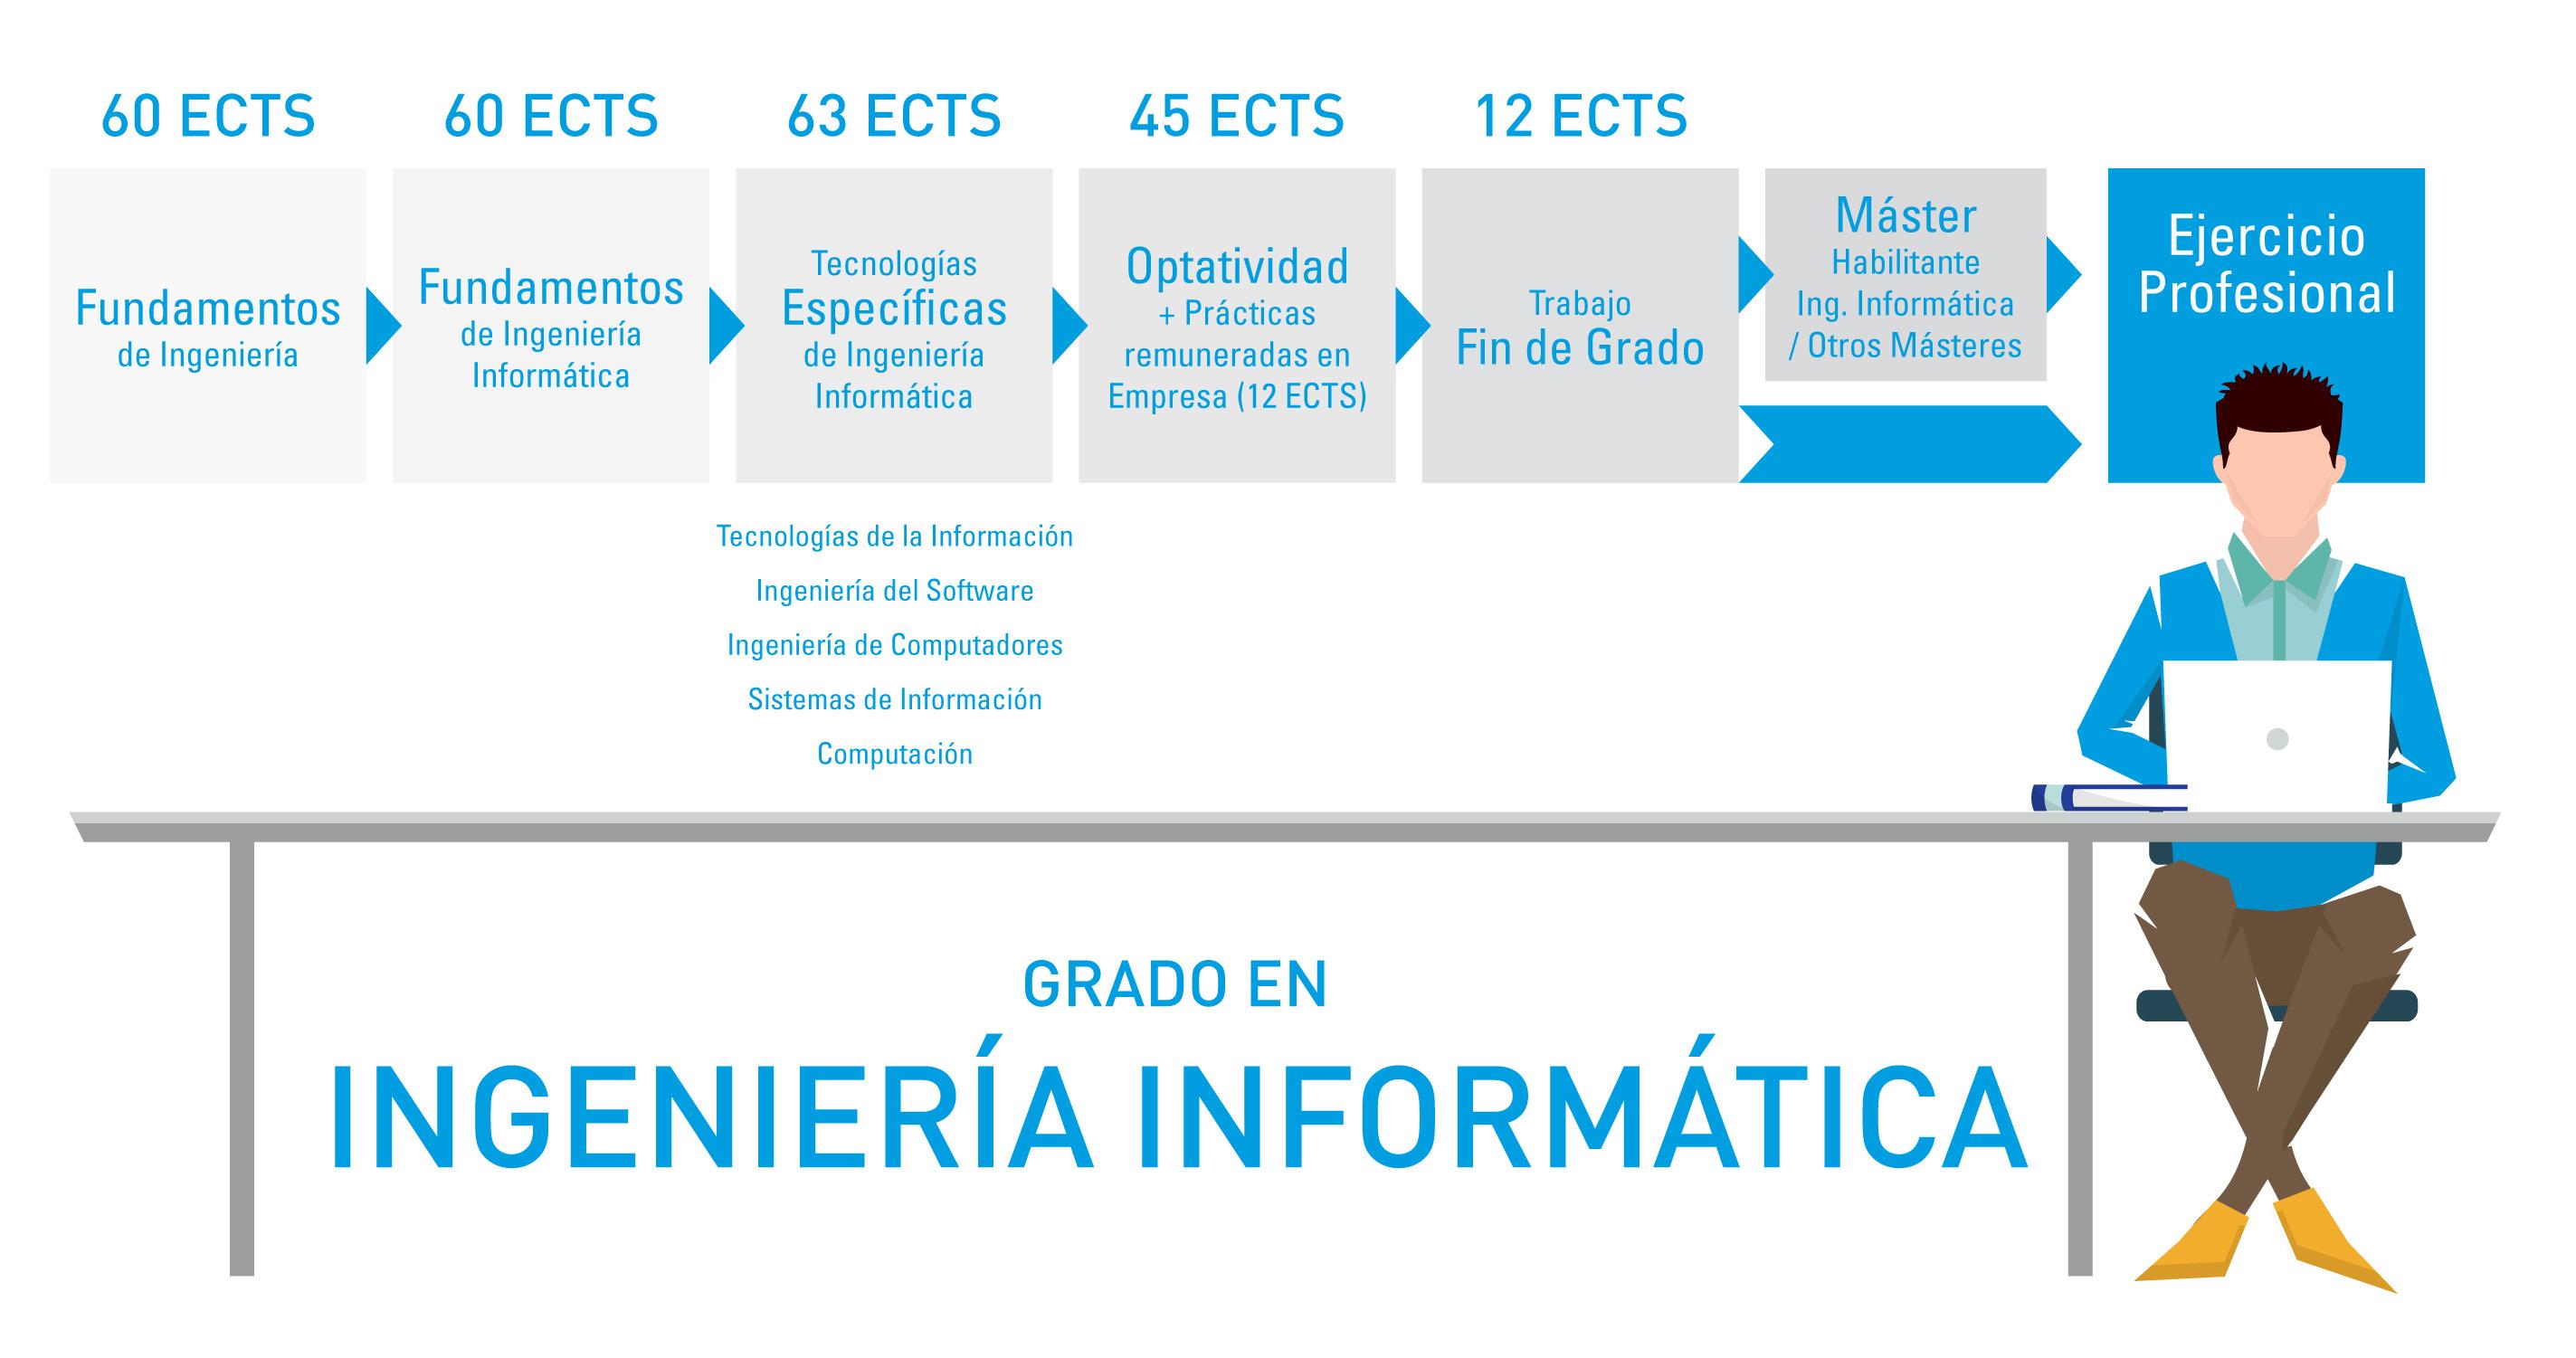 Infografía del grado en Ingeniería Informática